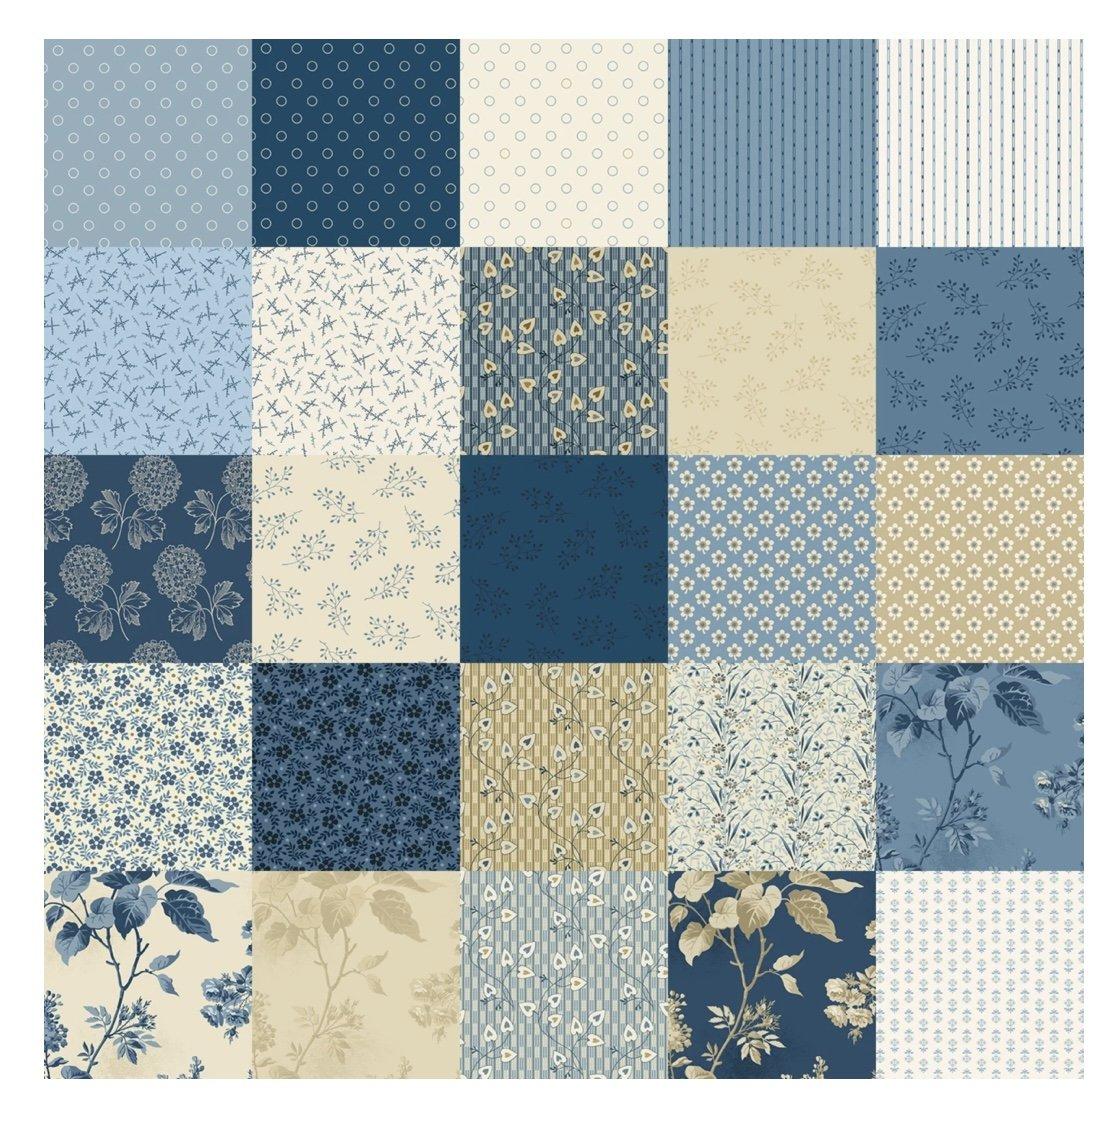 Blue Sky Fat Quarter Bundle (28 Pieces) - Edyta Sitar - Andover Fabrics